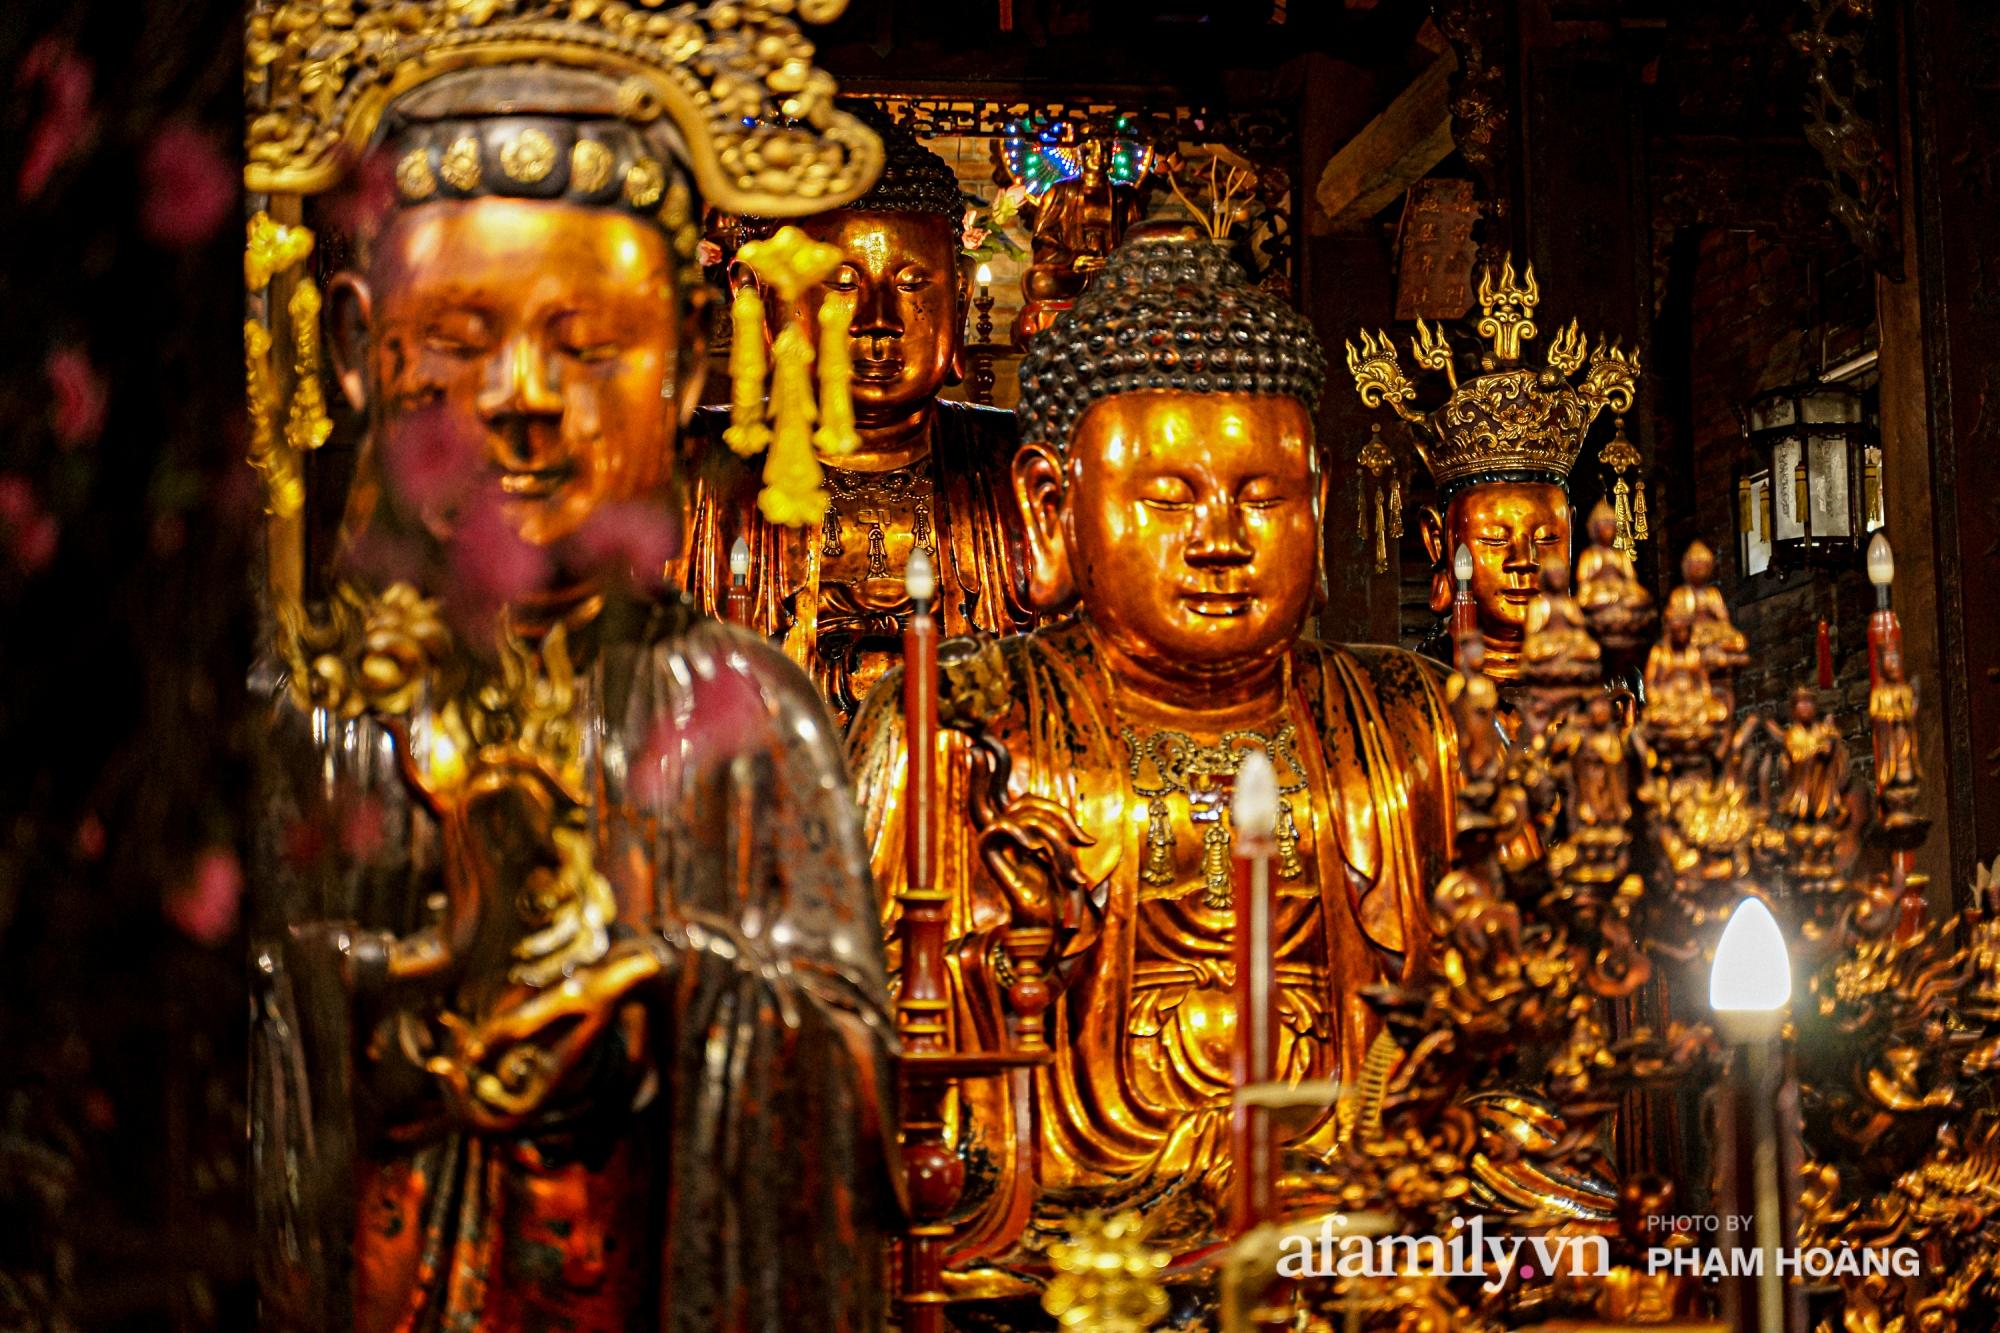 Mùng 1 đầu năm ghé thăm chùa Bà Đá: Chốn linh thiêng cổ xưa ngàn năm tuổi, giấu mình giữa phố cổ phồn hoa - Ảnh 7.